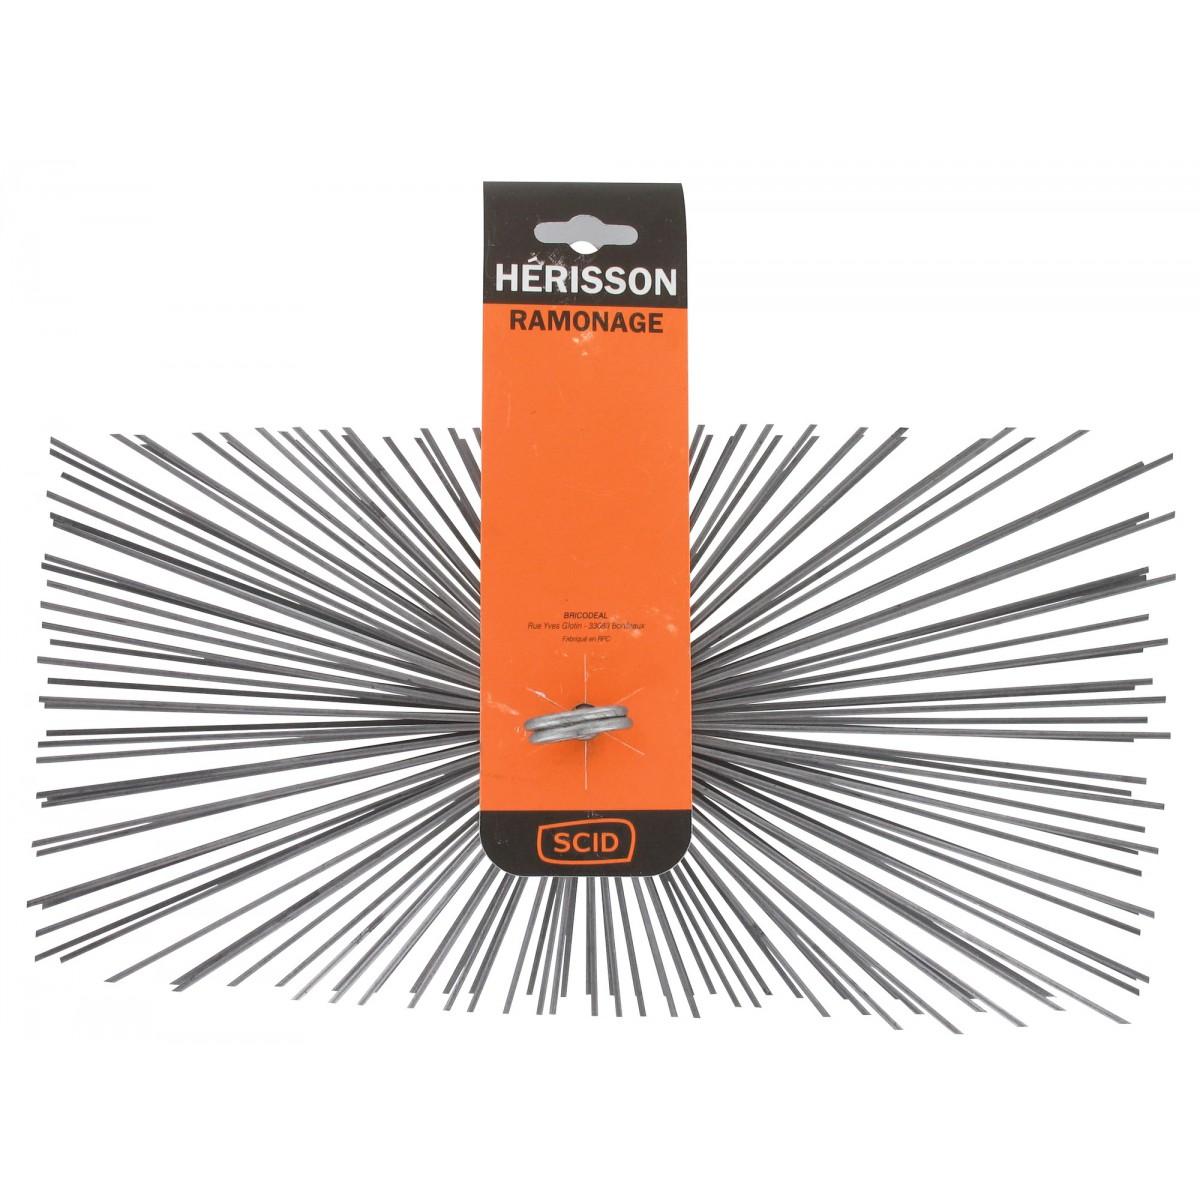 Hérisson rectangulaire acier plat SCID - Dimensions 200 x 400 mm